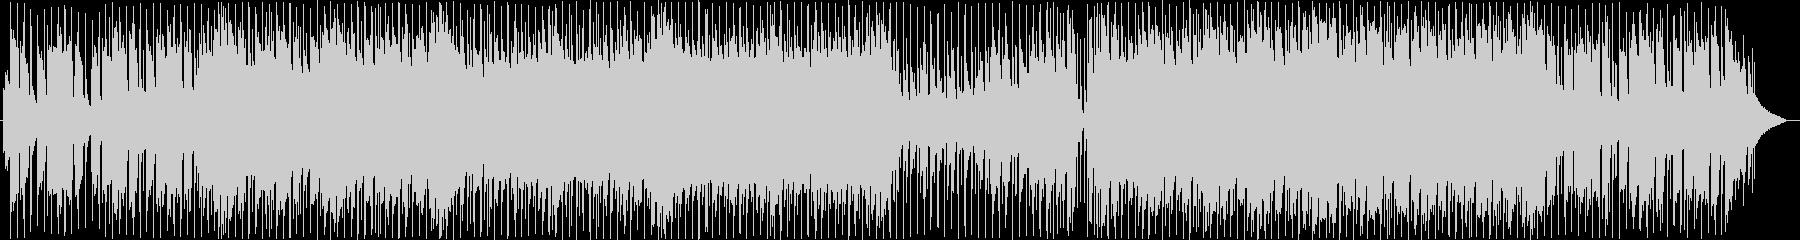 ピアノ中心の切ないミドルバラードの未再生の波形